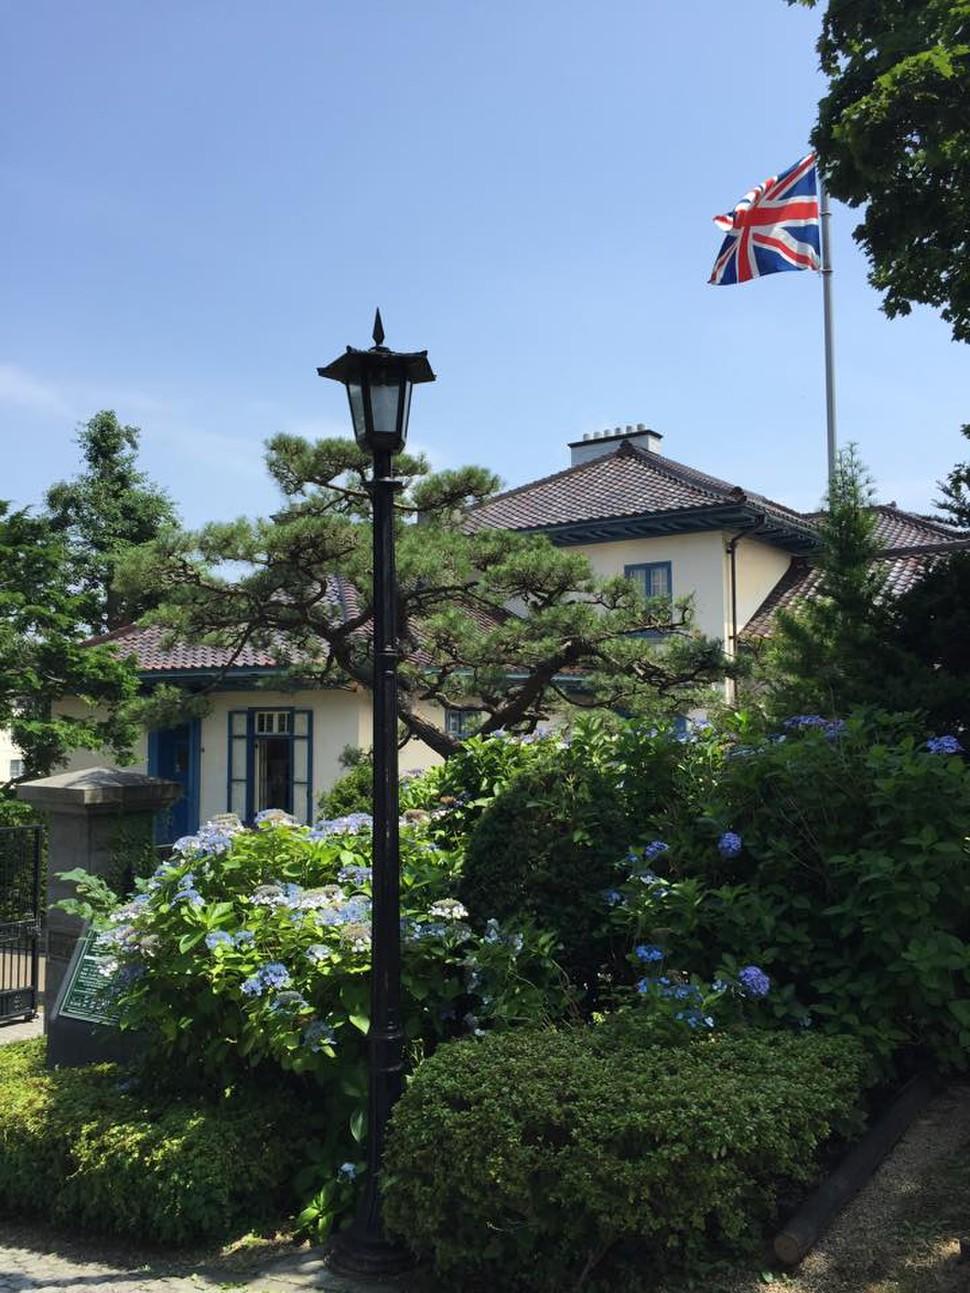 函館で歴史を辿る】旧イギリス領事館で風情を感じる | PlayLife ...